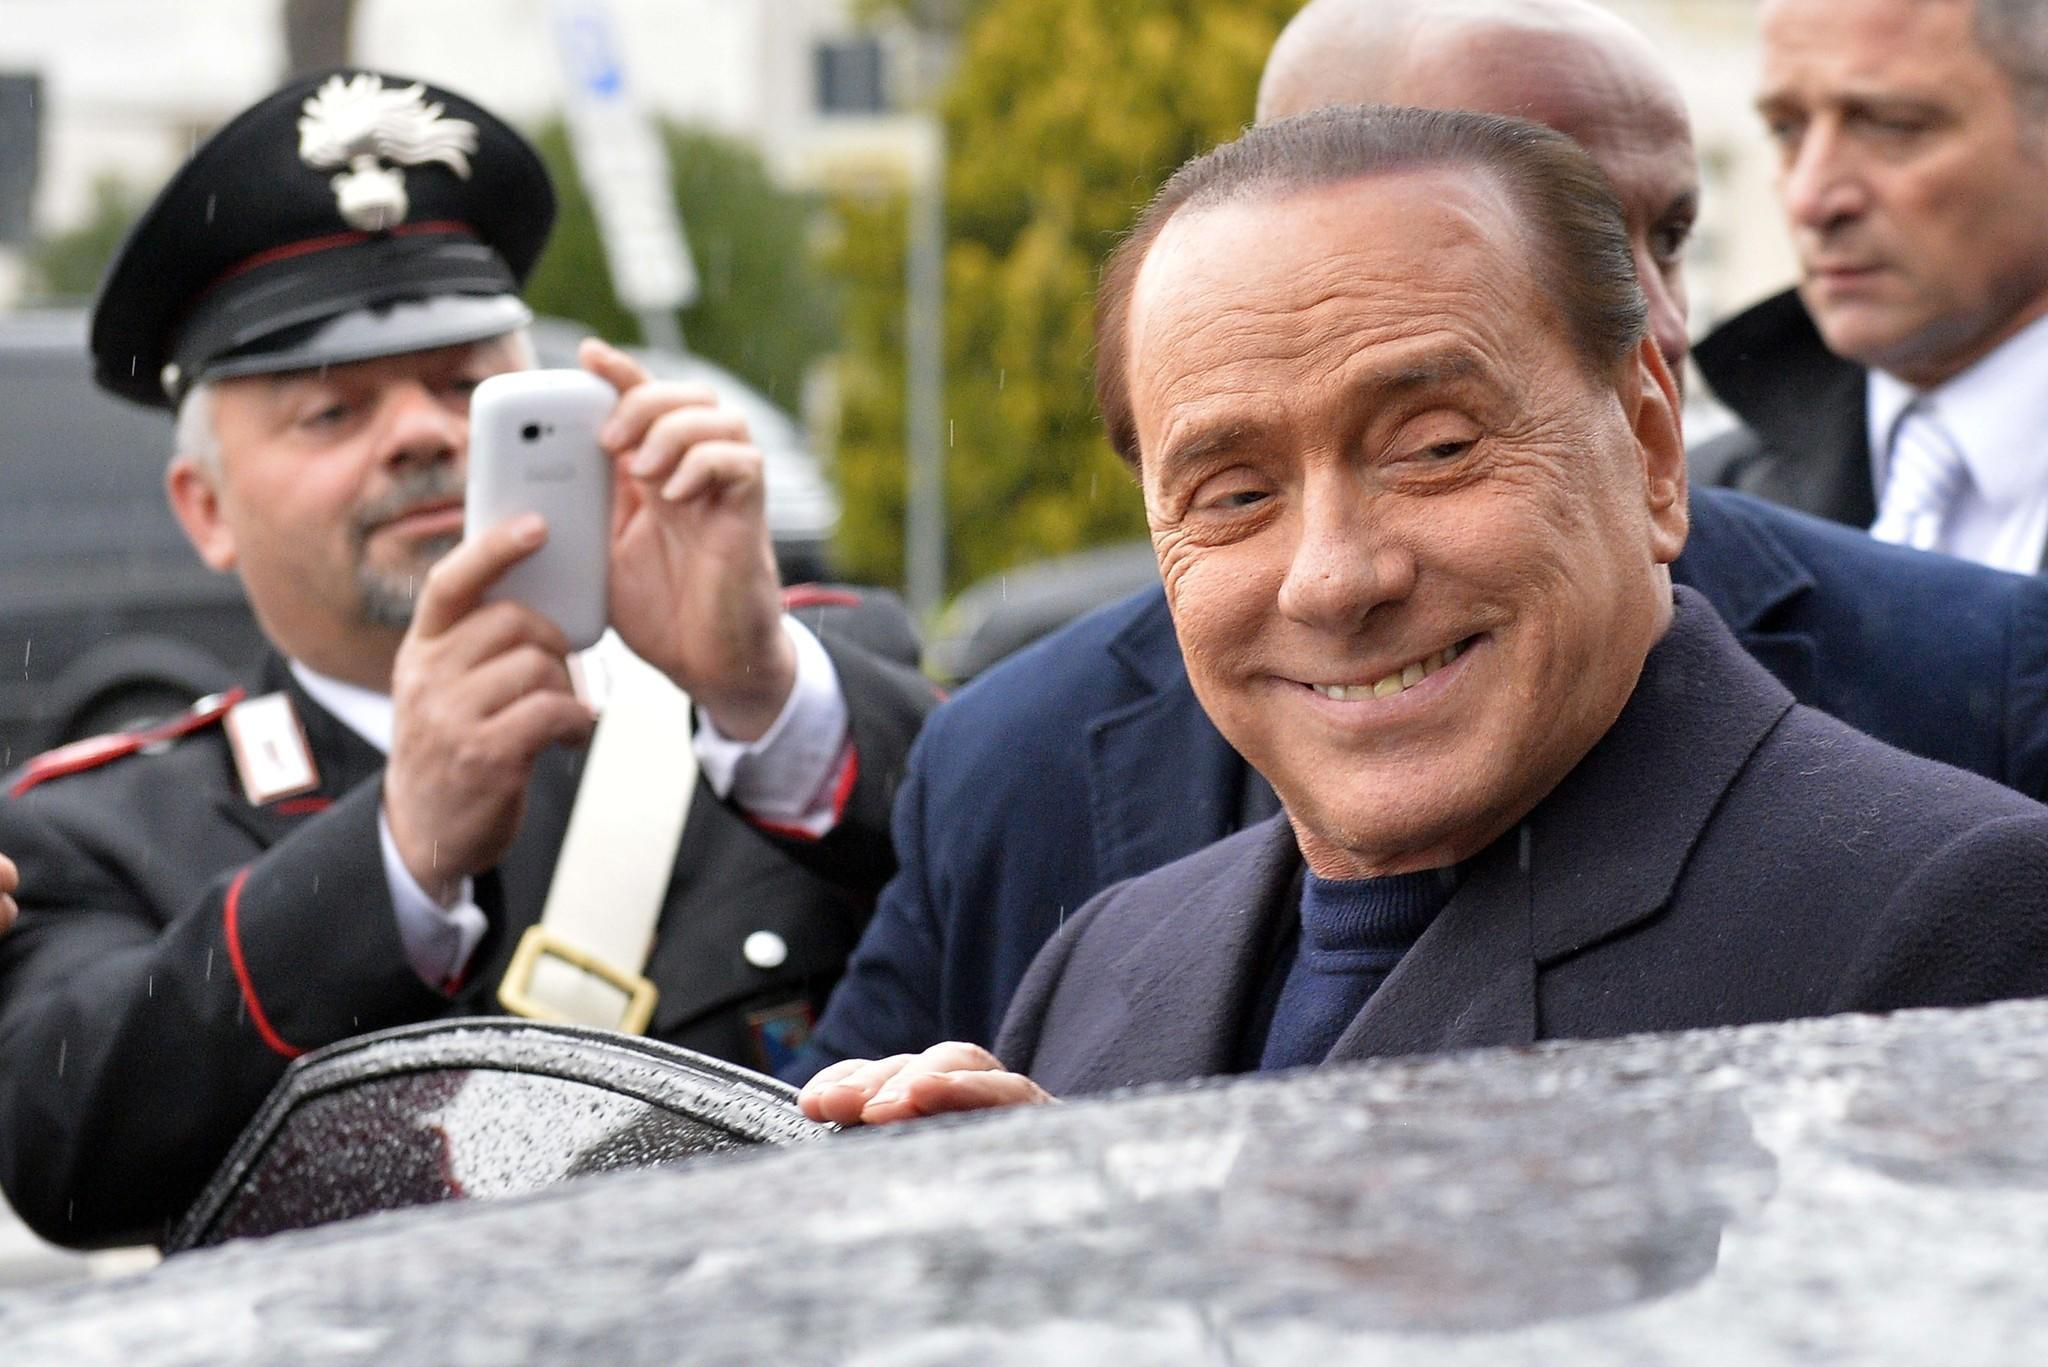 Former Italian Prime Minister Silvio Berlusconi at a Rome airport.